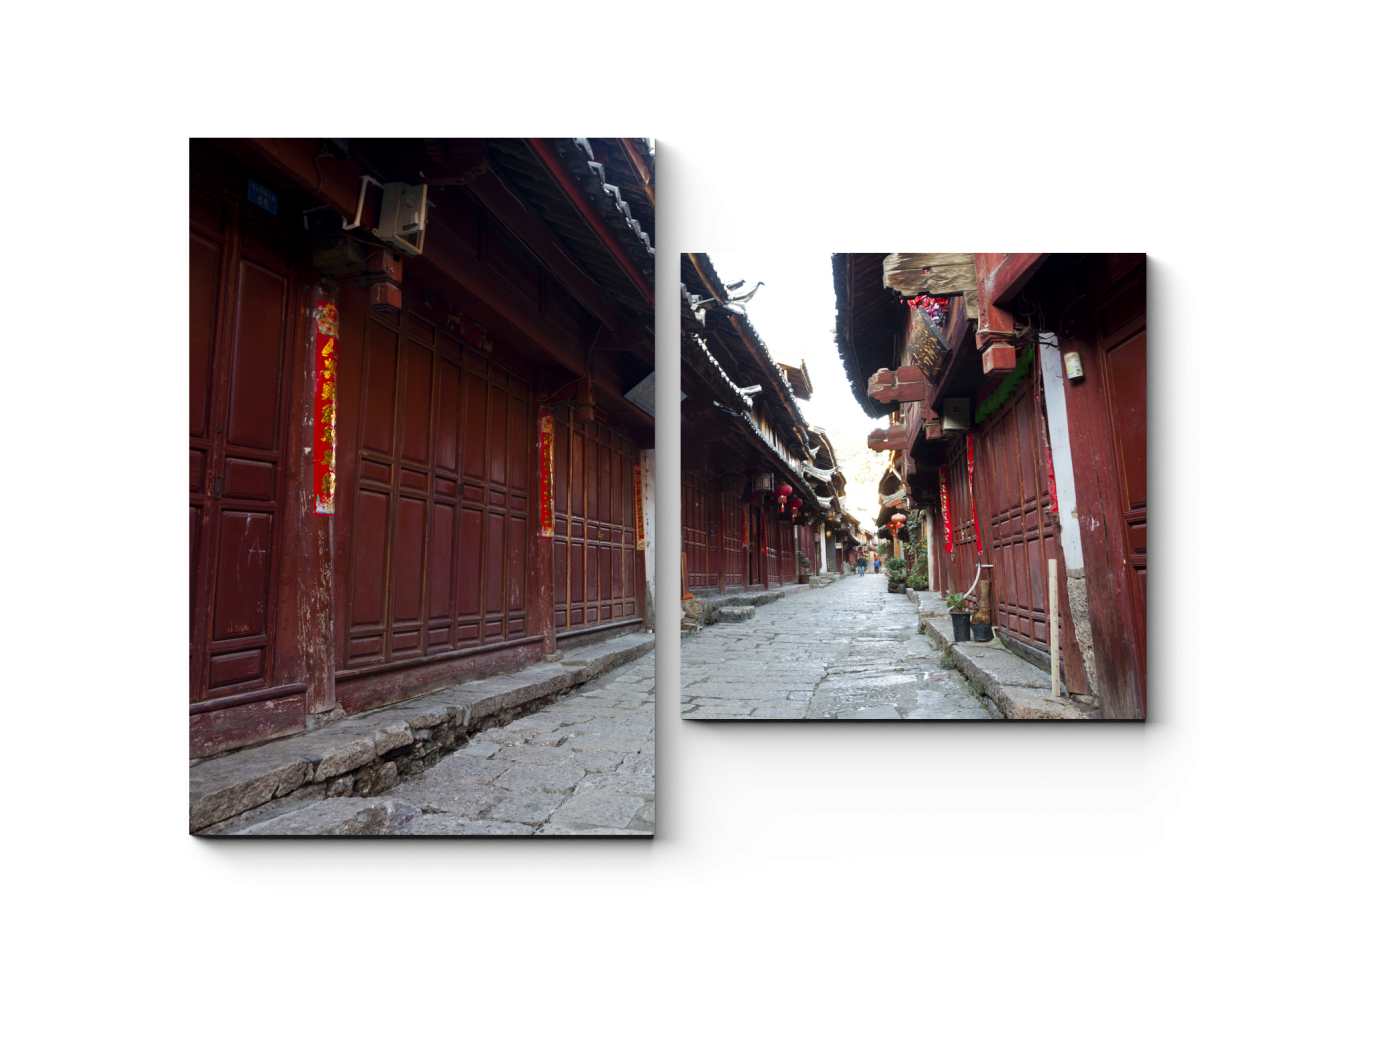 Модульная картина Неповторимый колорит Китая (40x30) фото